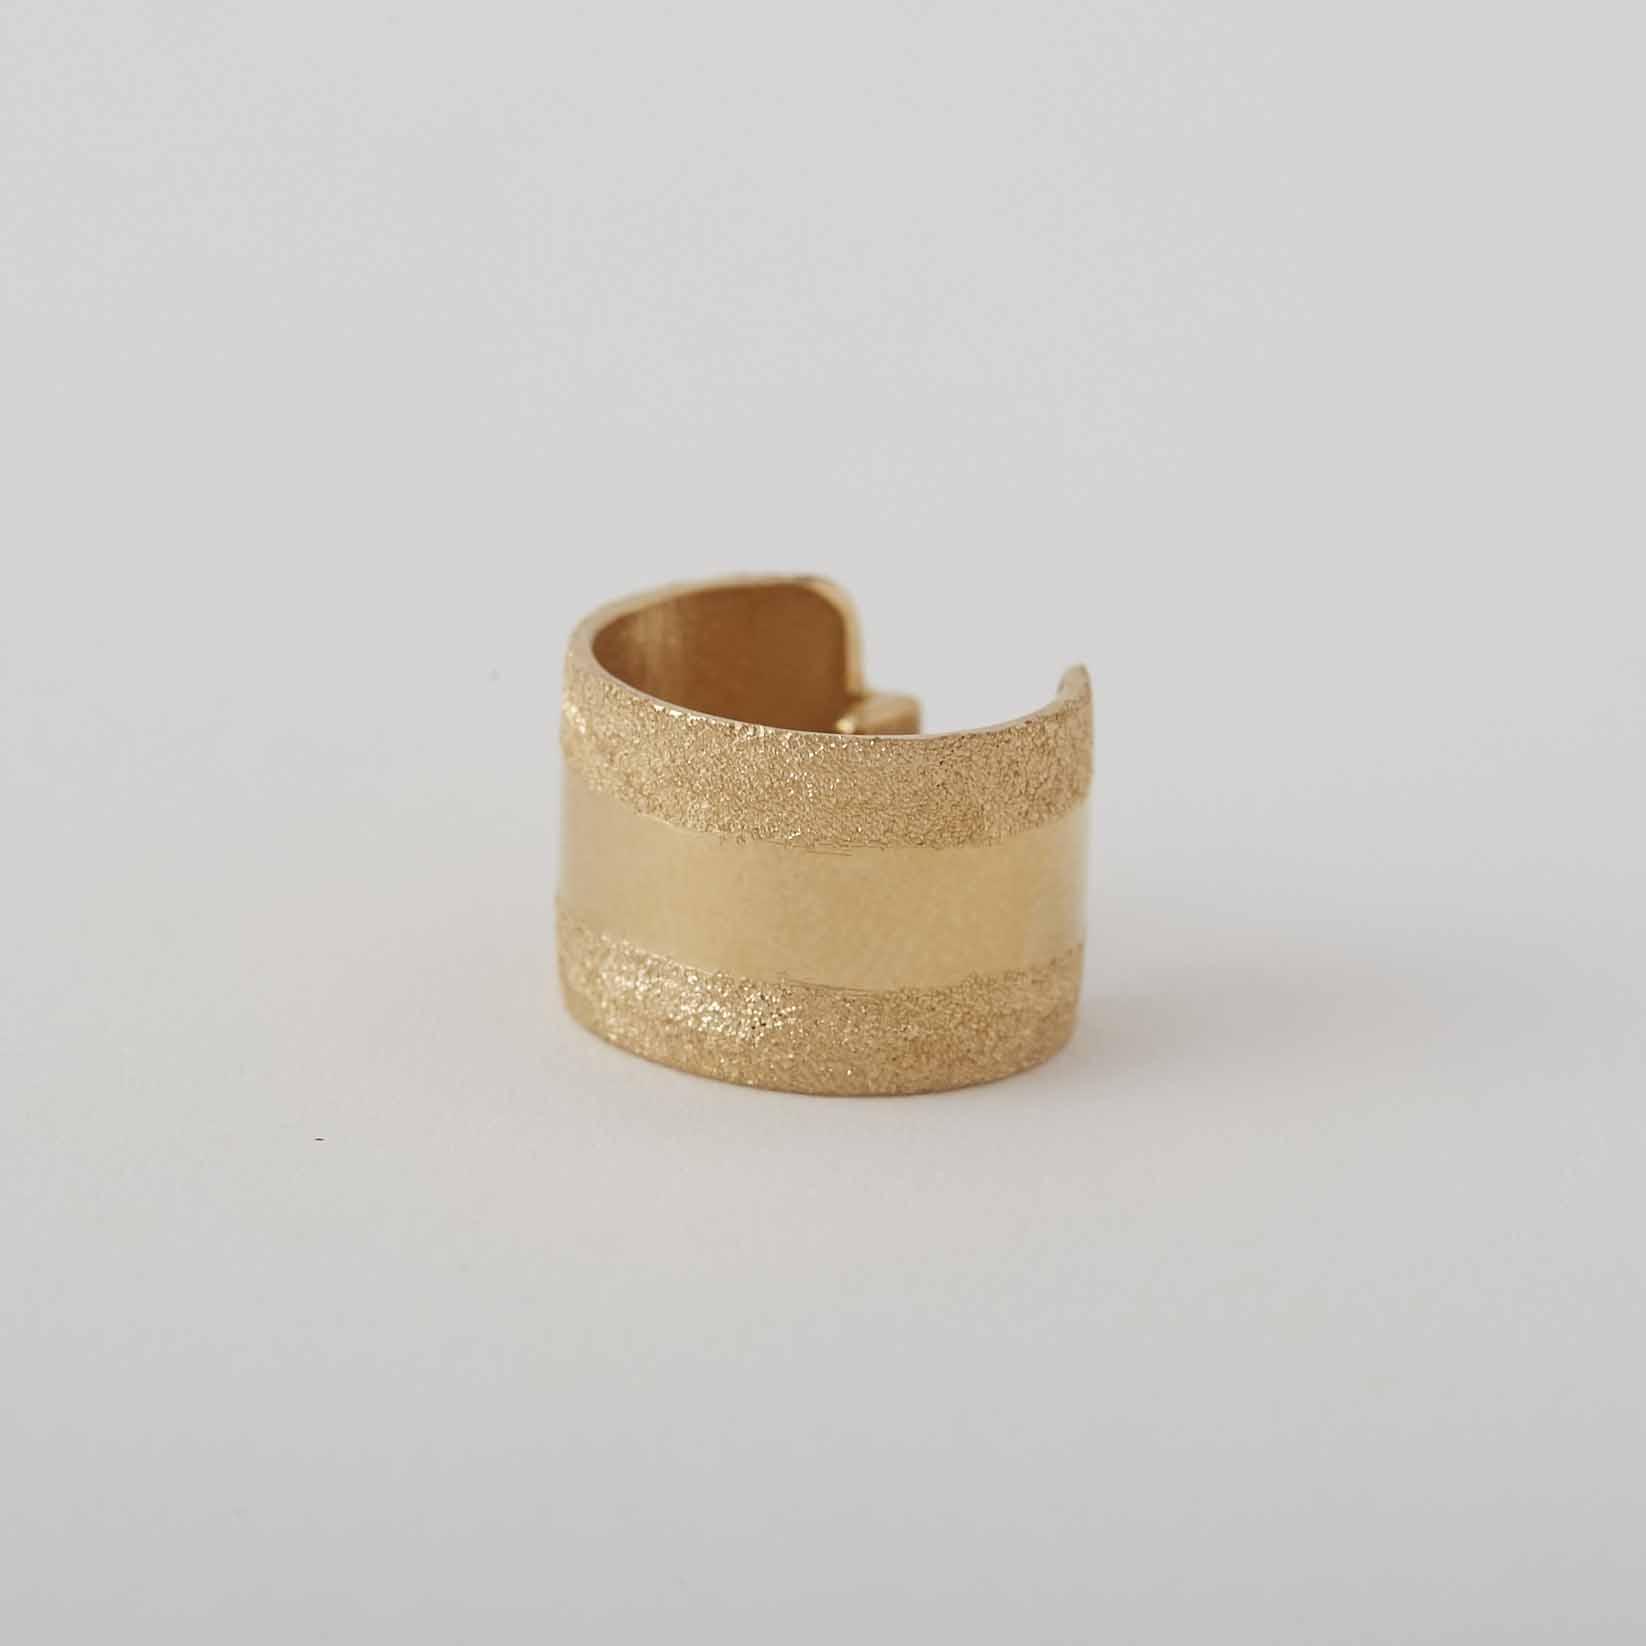 ダイヤモンドダストのような輝きを放つイヤーカフ hatsuyume  jewelry  objects/diamond dust ear-cuff stripe Gold